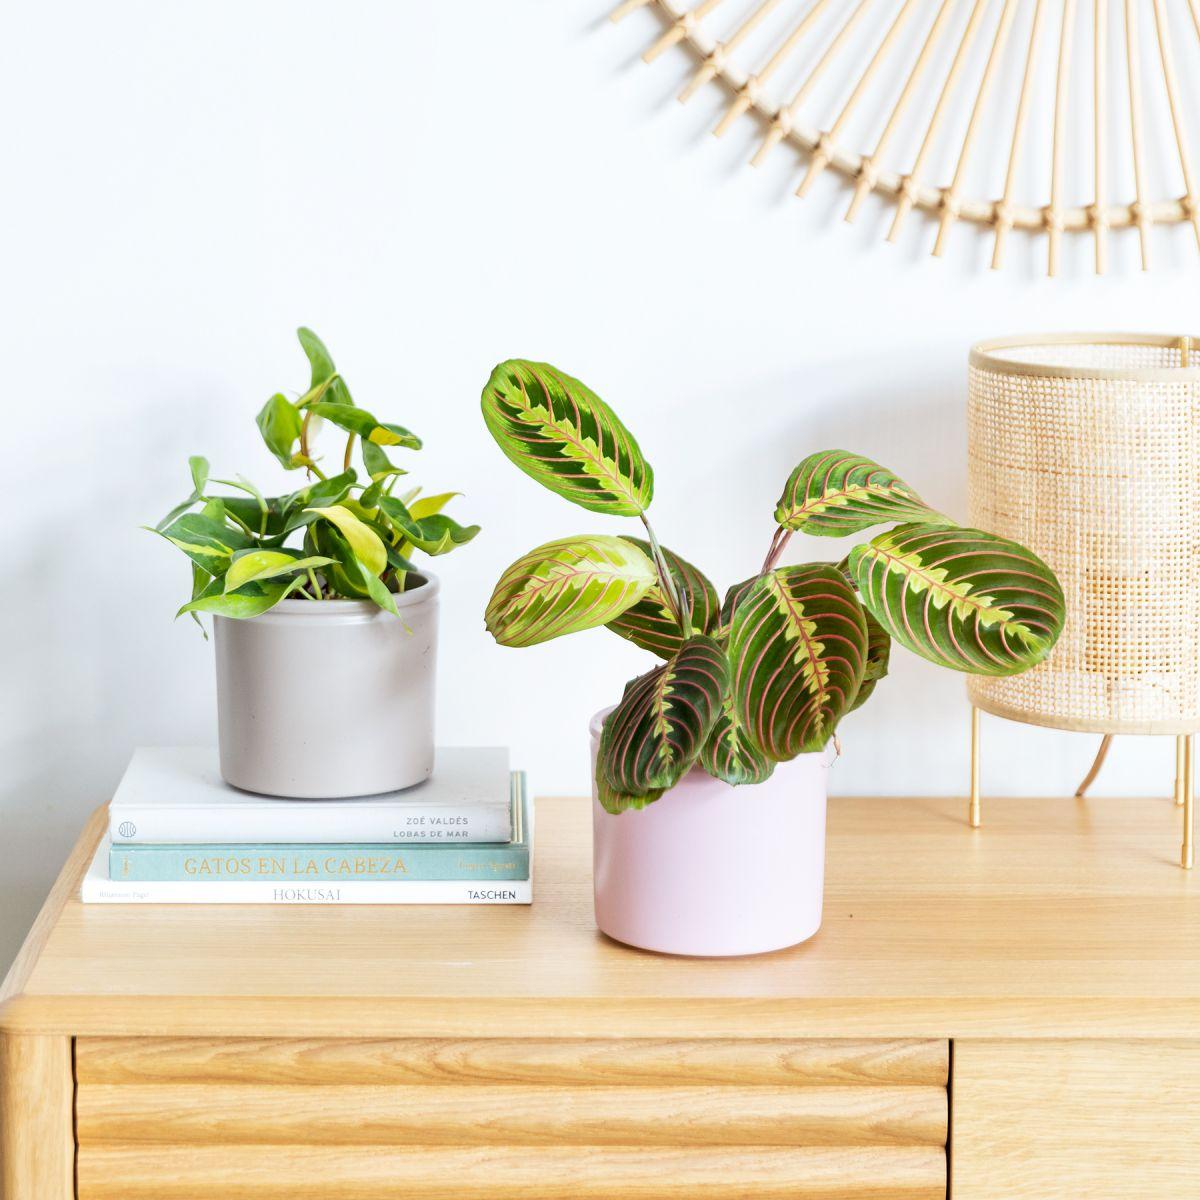 Pack di Maranta Leuconeura e Philodendron Brasil - The Vibrant Pack - Piante a domicilio - Colvin